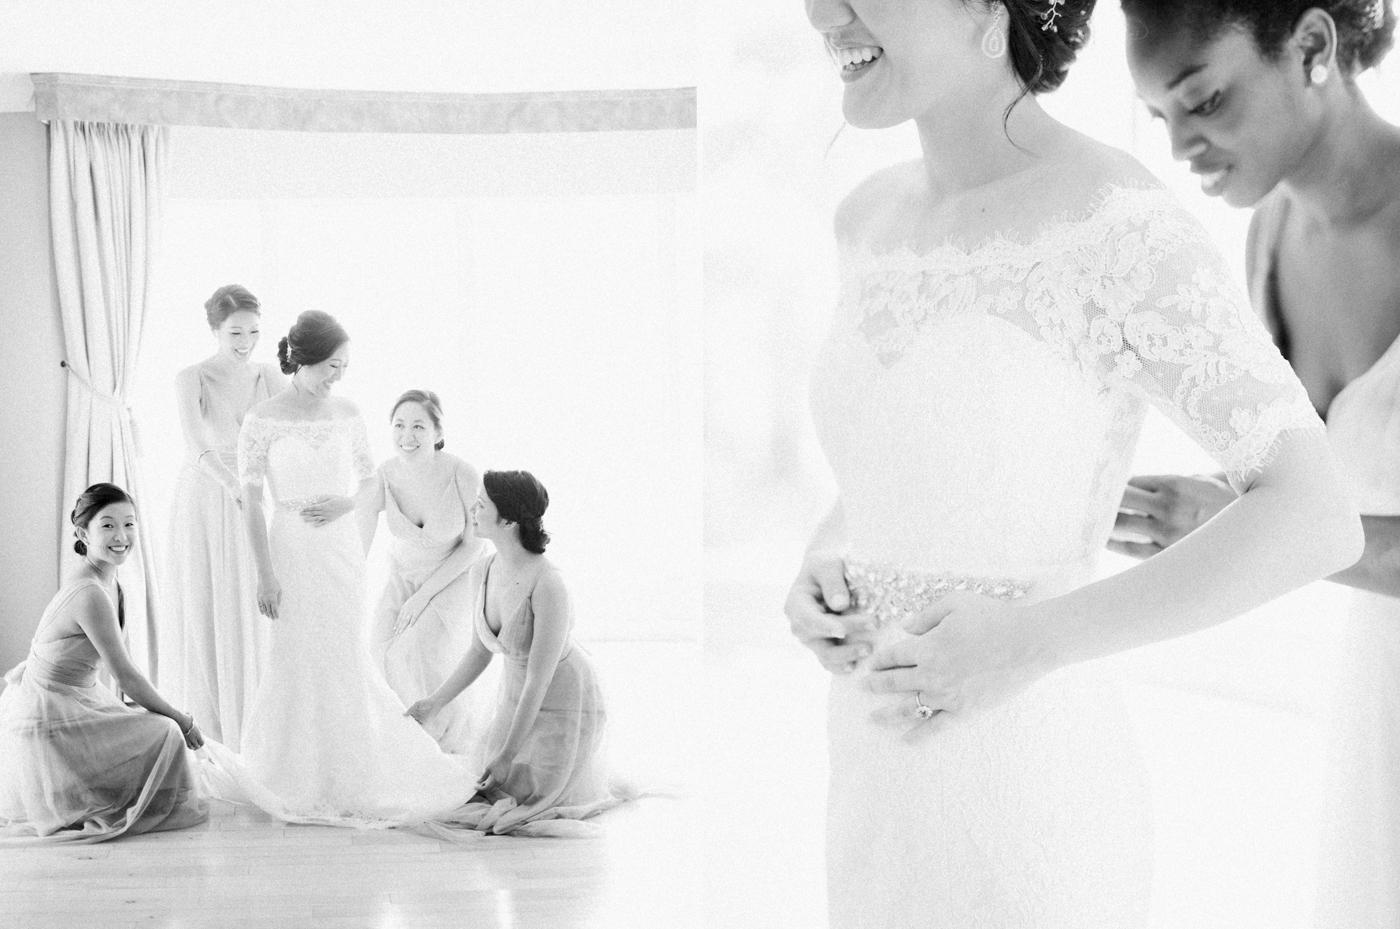 Greystone_Mansion_Wedding_Fine_Art_Film_Wedding_Photography_AKP-4.jpg